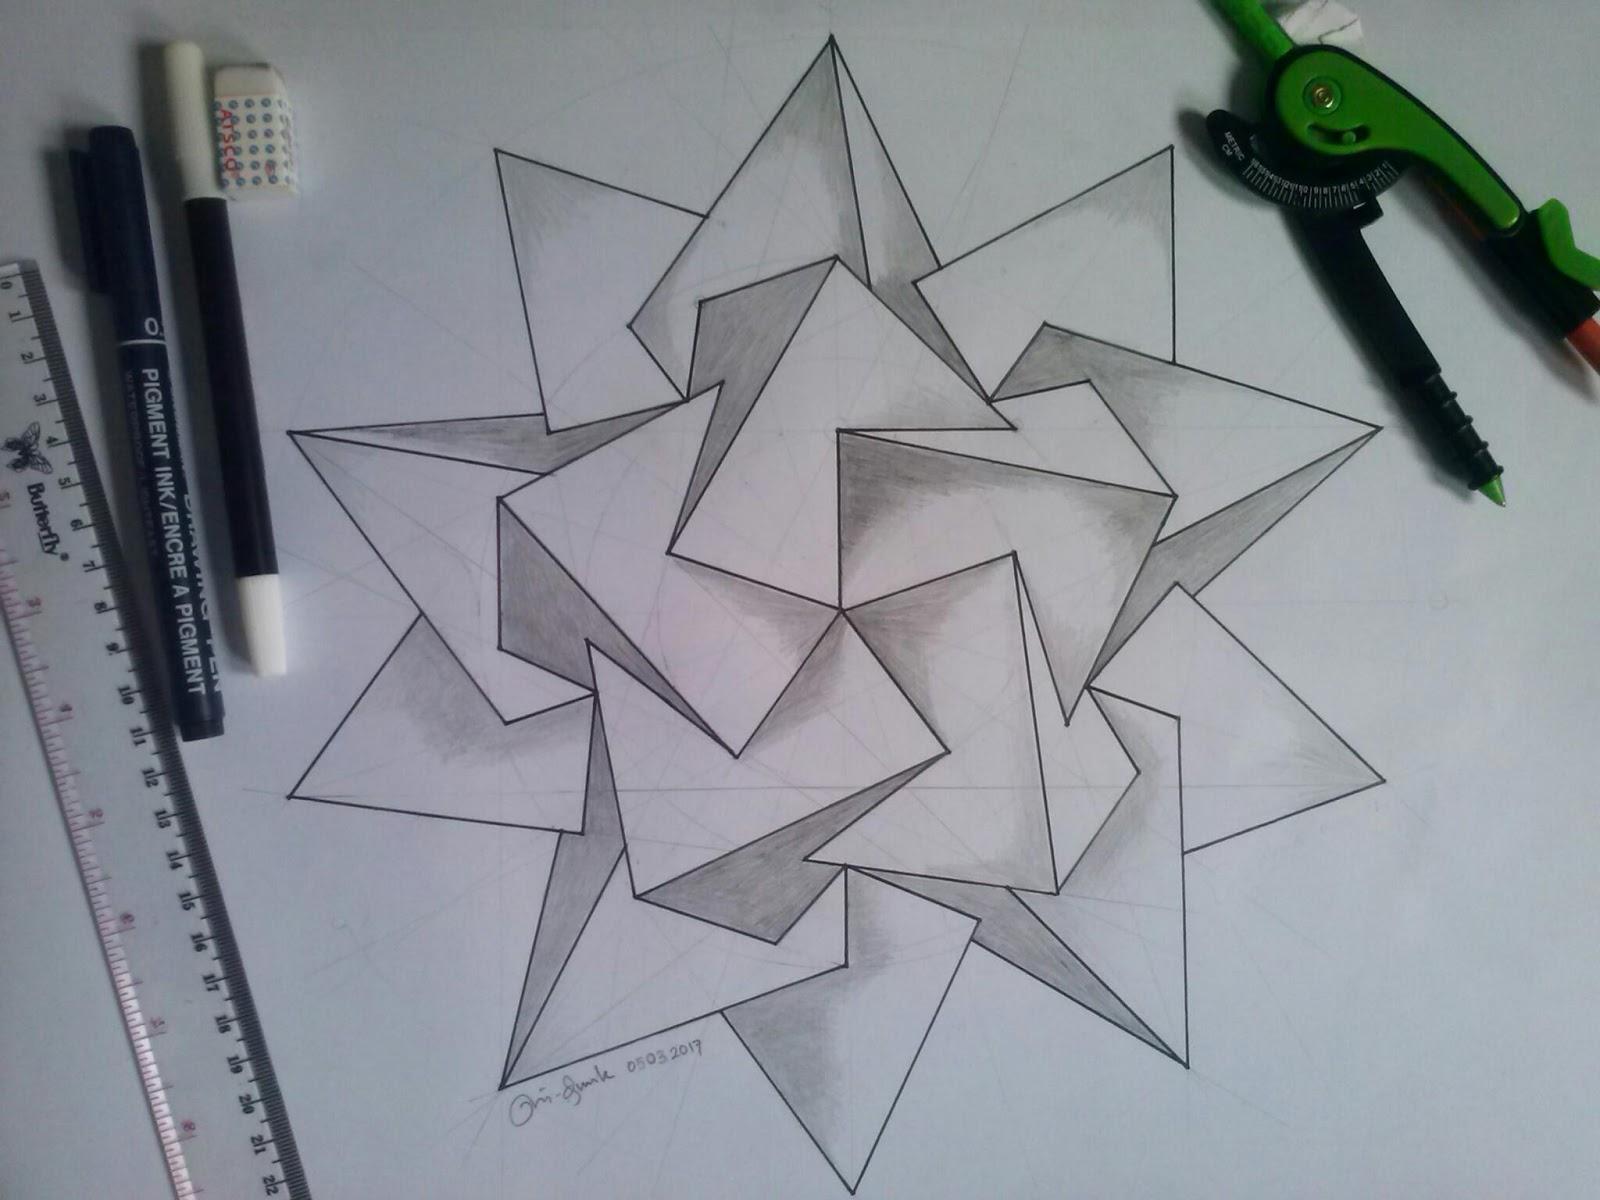 Untuk mempercantik silahkan warnai dengan pensil berwarna sesuai dengan imajinasi masing masing